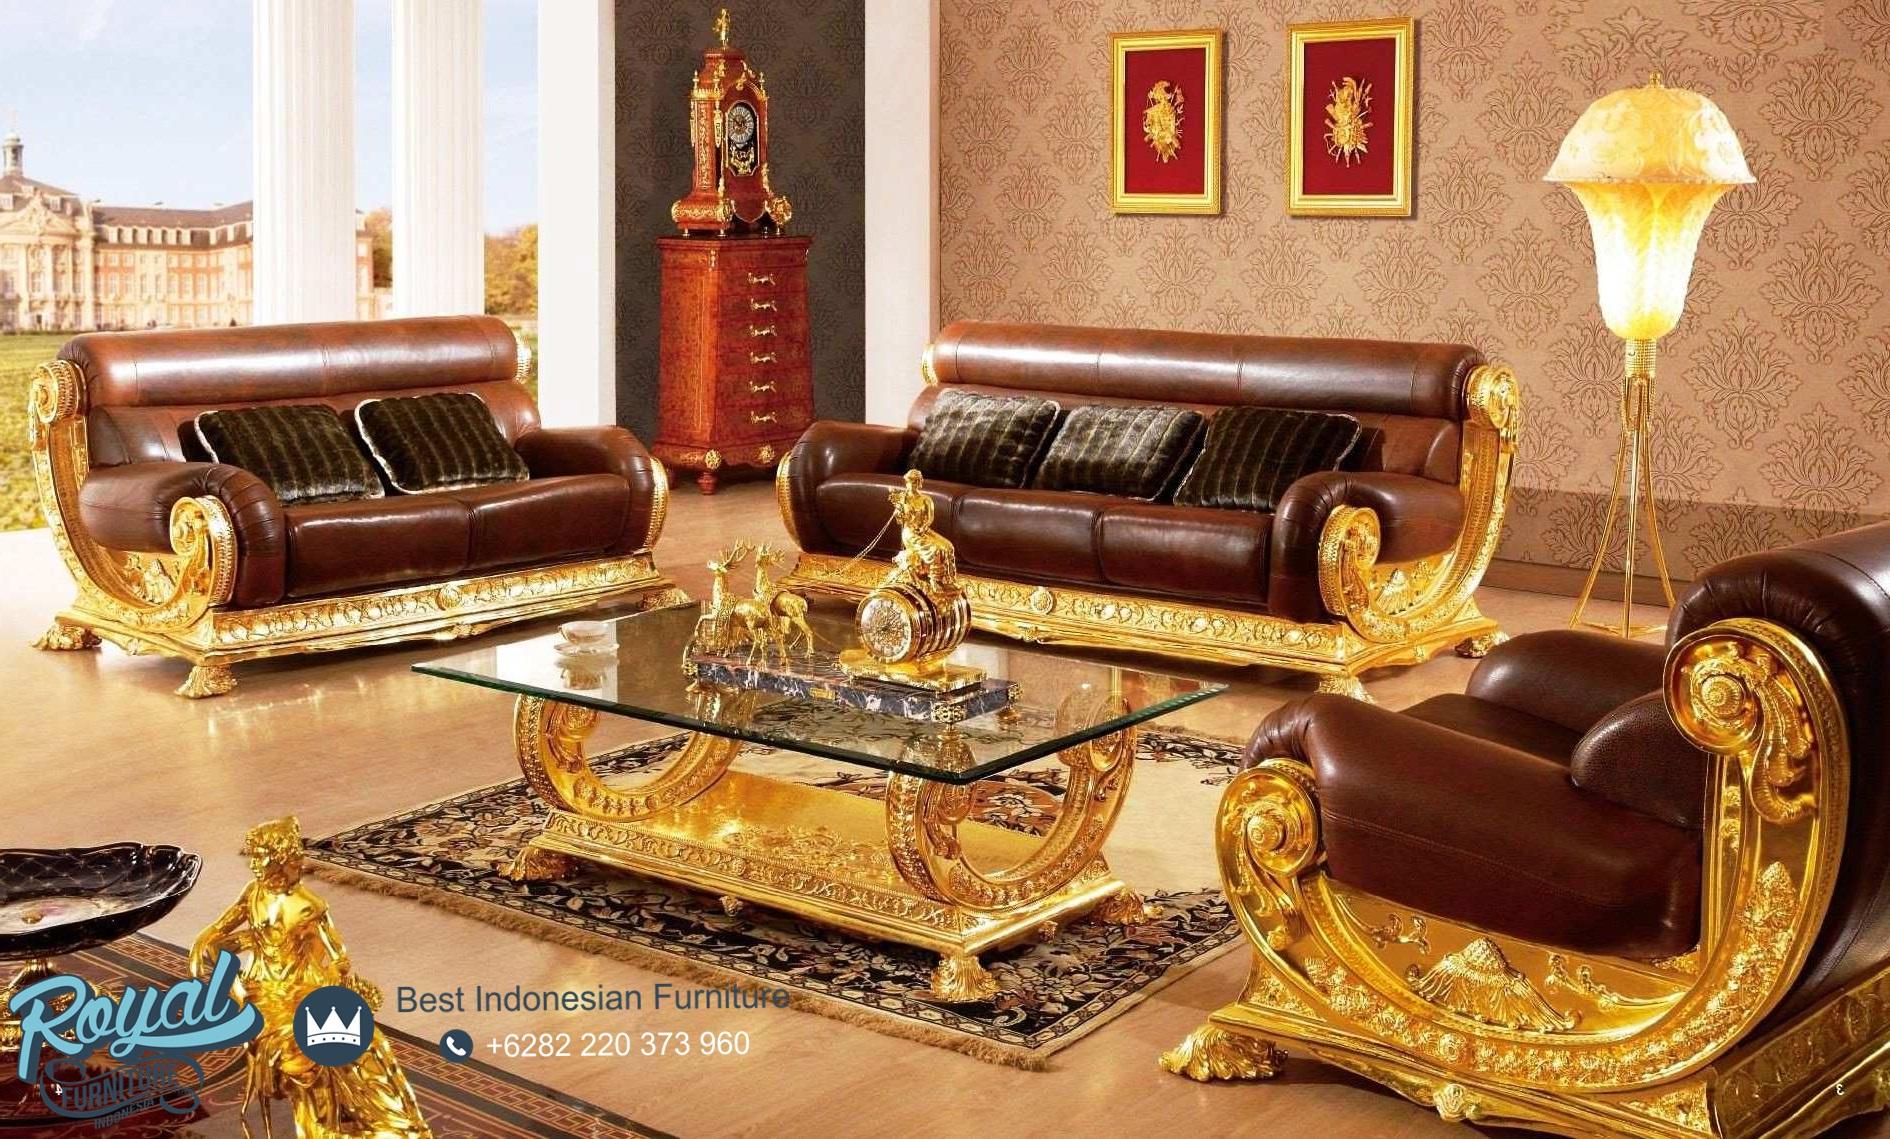 Set Sofa Tamu Klasik Mewah Fancy Gold Terbaru, set sofa tamu mewah, set sofa tamu klasik, set sofa tamu minimalis, set sofa tamu modern, set sofa tamu jepara terbaru, set sofa ruang keluarga, furniture jepara, set kursi tamu jati jepara, sofa jati ukiran, model sofa tamu terbaru, kursi tamu mewah, kursi sofa tamu sudut, sofa tamu minimalis, sofa tamu ukiran jepara, kursi sofa tamu ukir jepara, sofa tamu jati jepara, sofa tamu minimalis jati, sofa mewah minimalis, kursi tamu sofa mewah, sofa mewah modern, kursi tamu mewah minimalis, kursi tamu mewah modern, kursi mewah ruang tamu, kursi tamu mewah kualitas terbaik, sofa mewah minimalis, mebel jepara, royal furniture